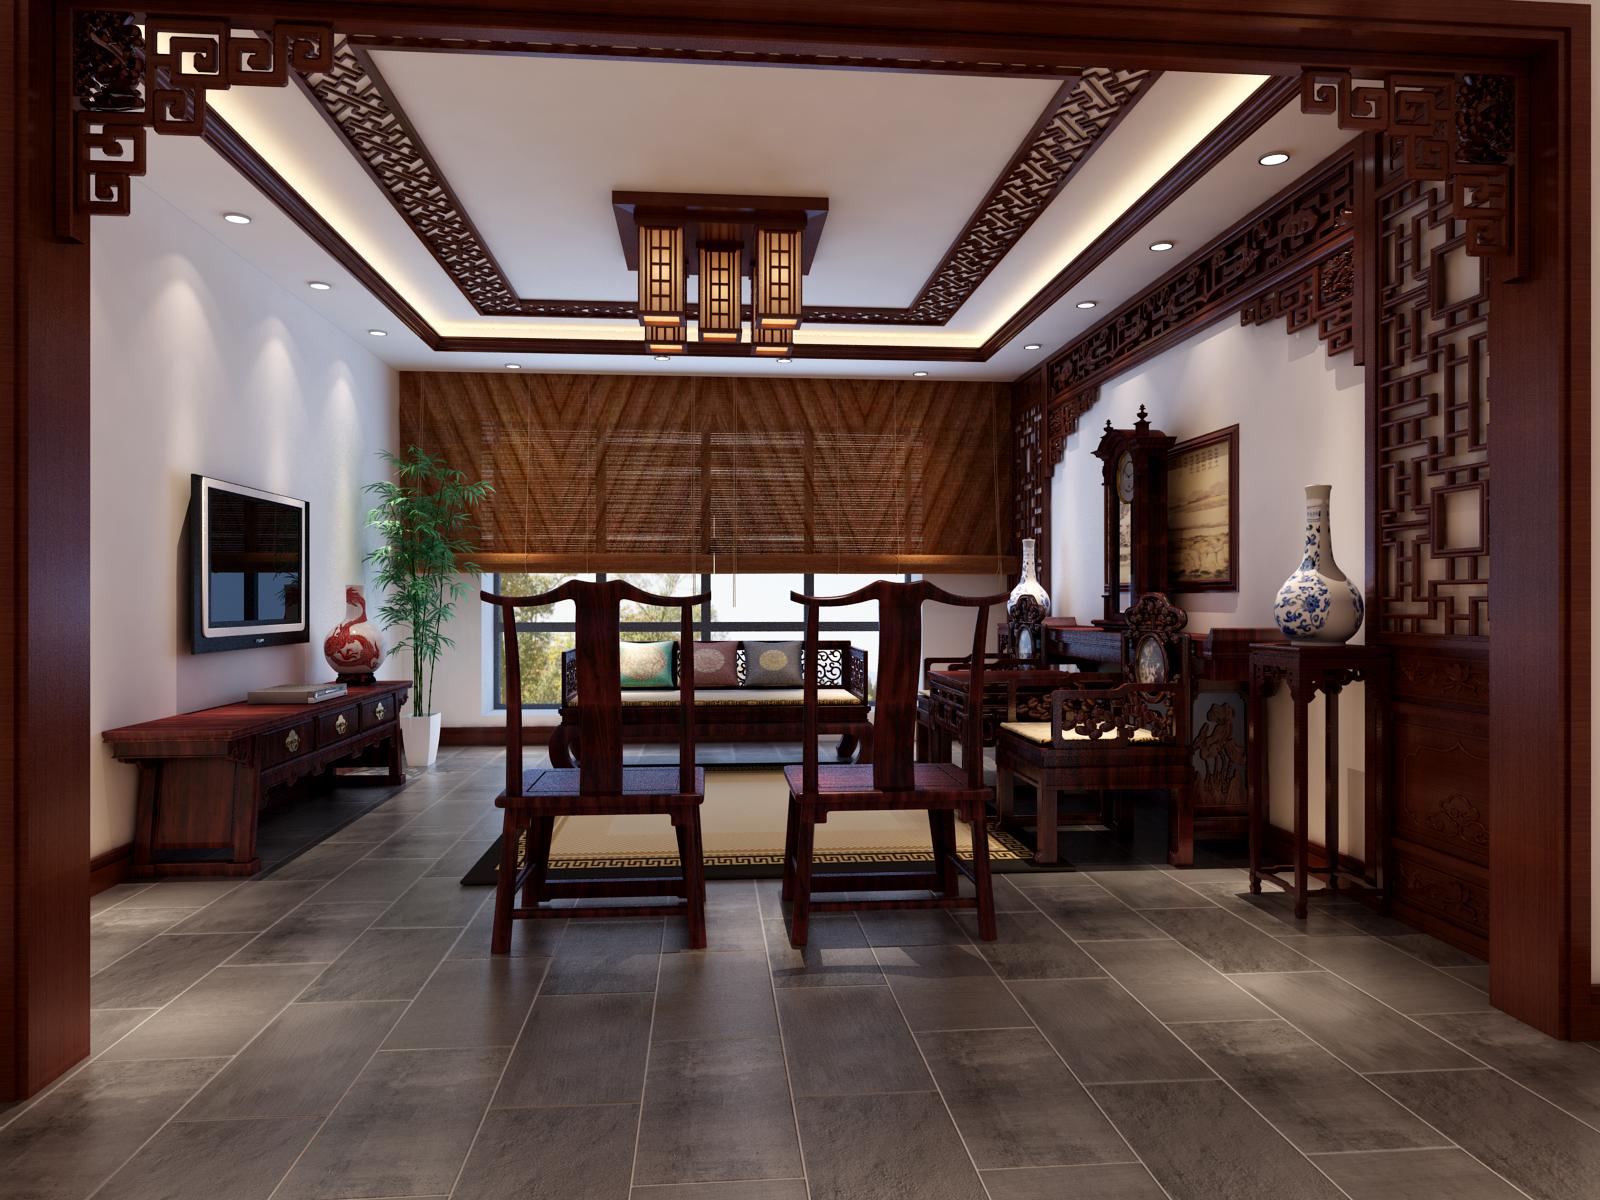 中式 三居 客厅图片来自实创装饰上海公司在三居室新中式风格装修设计的分享